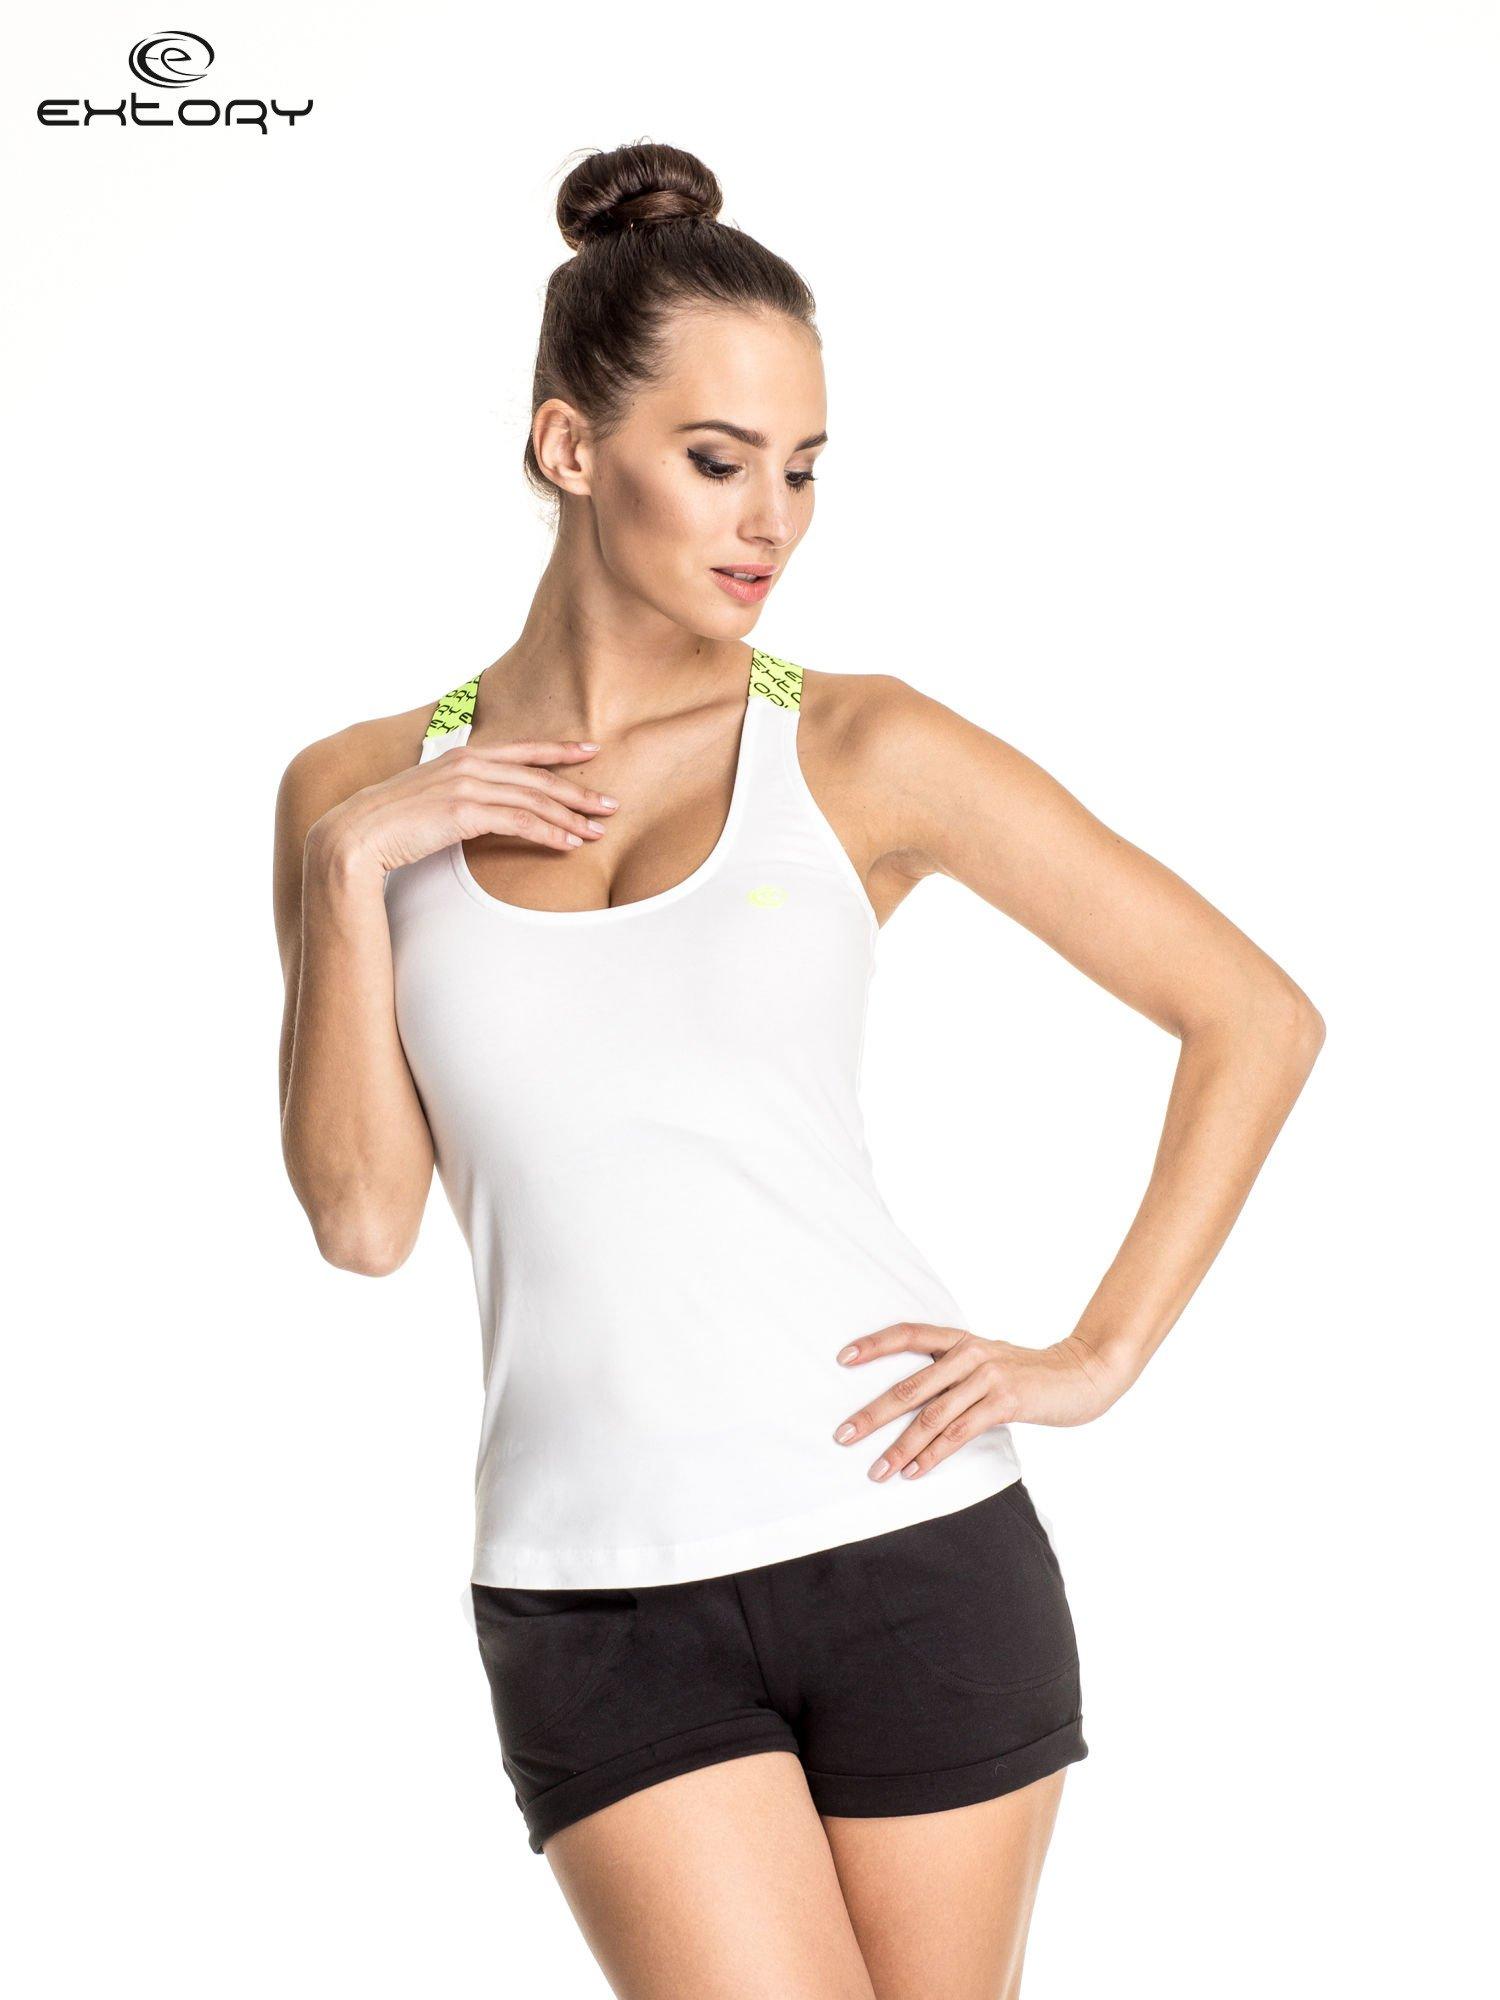 Biały top sportowy z żółtymi ramiączkami na krzyż                                  zdj.                                  1